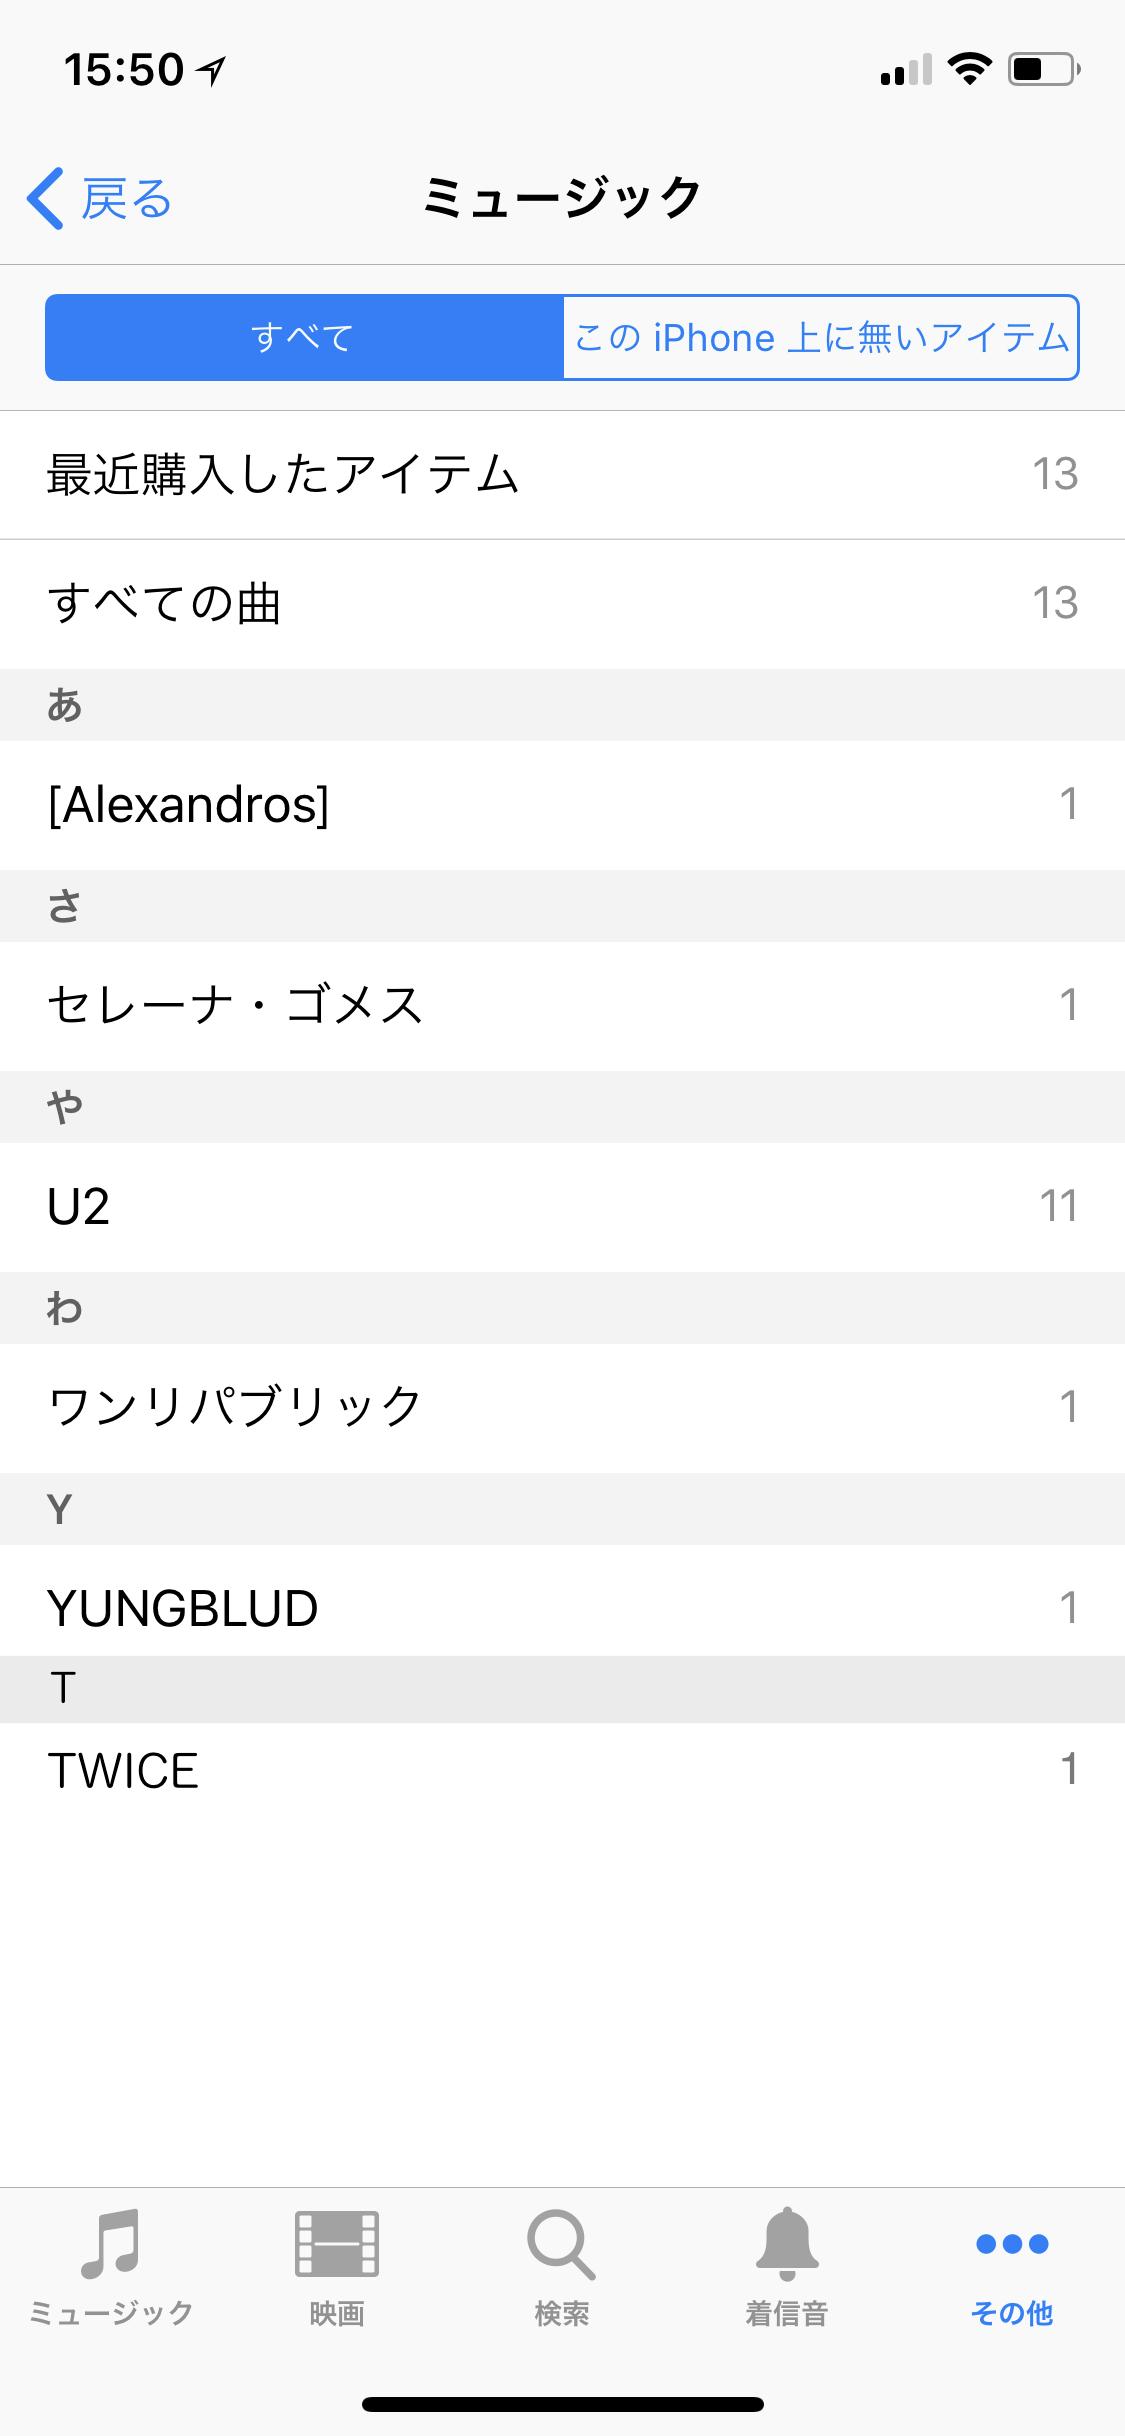 iTunes購入履歴